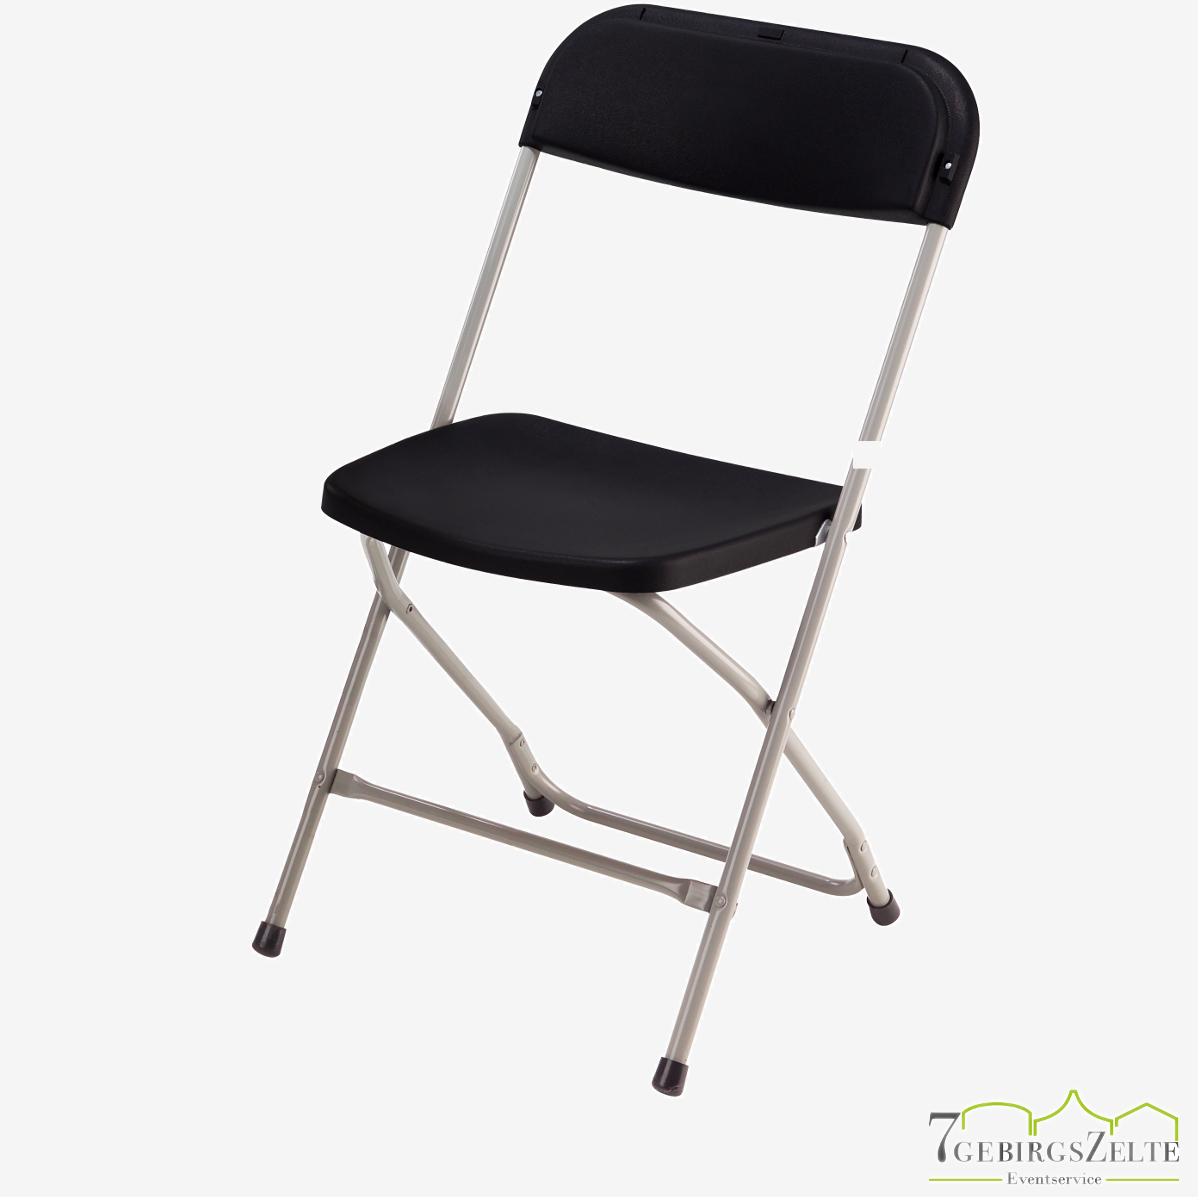 Folding chairs Box of 12 Europa schwarz/schwarz